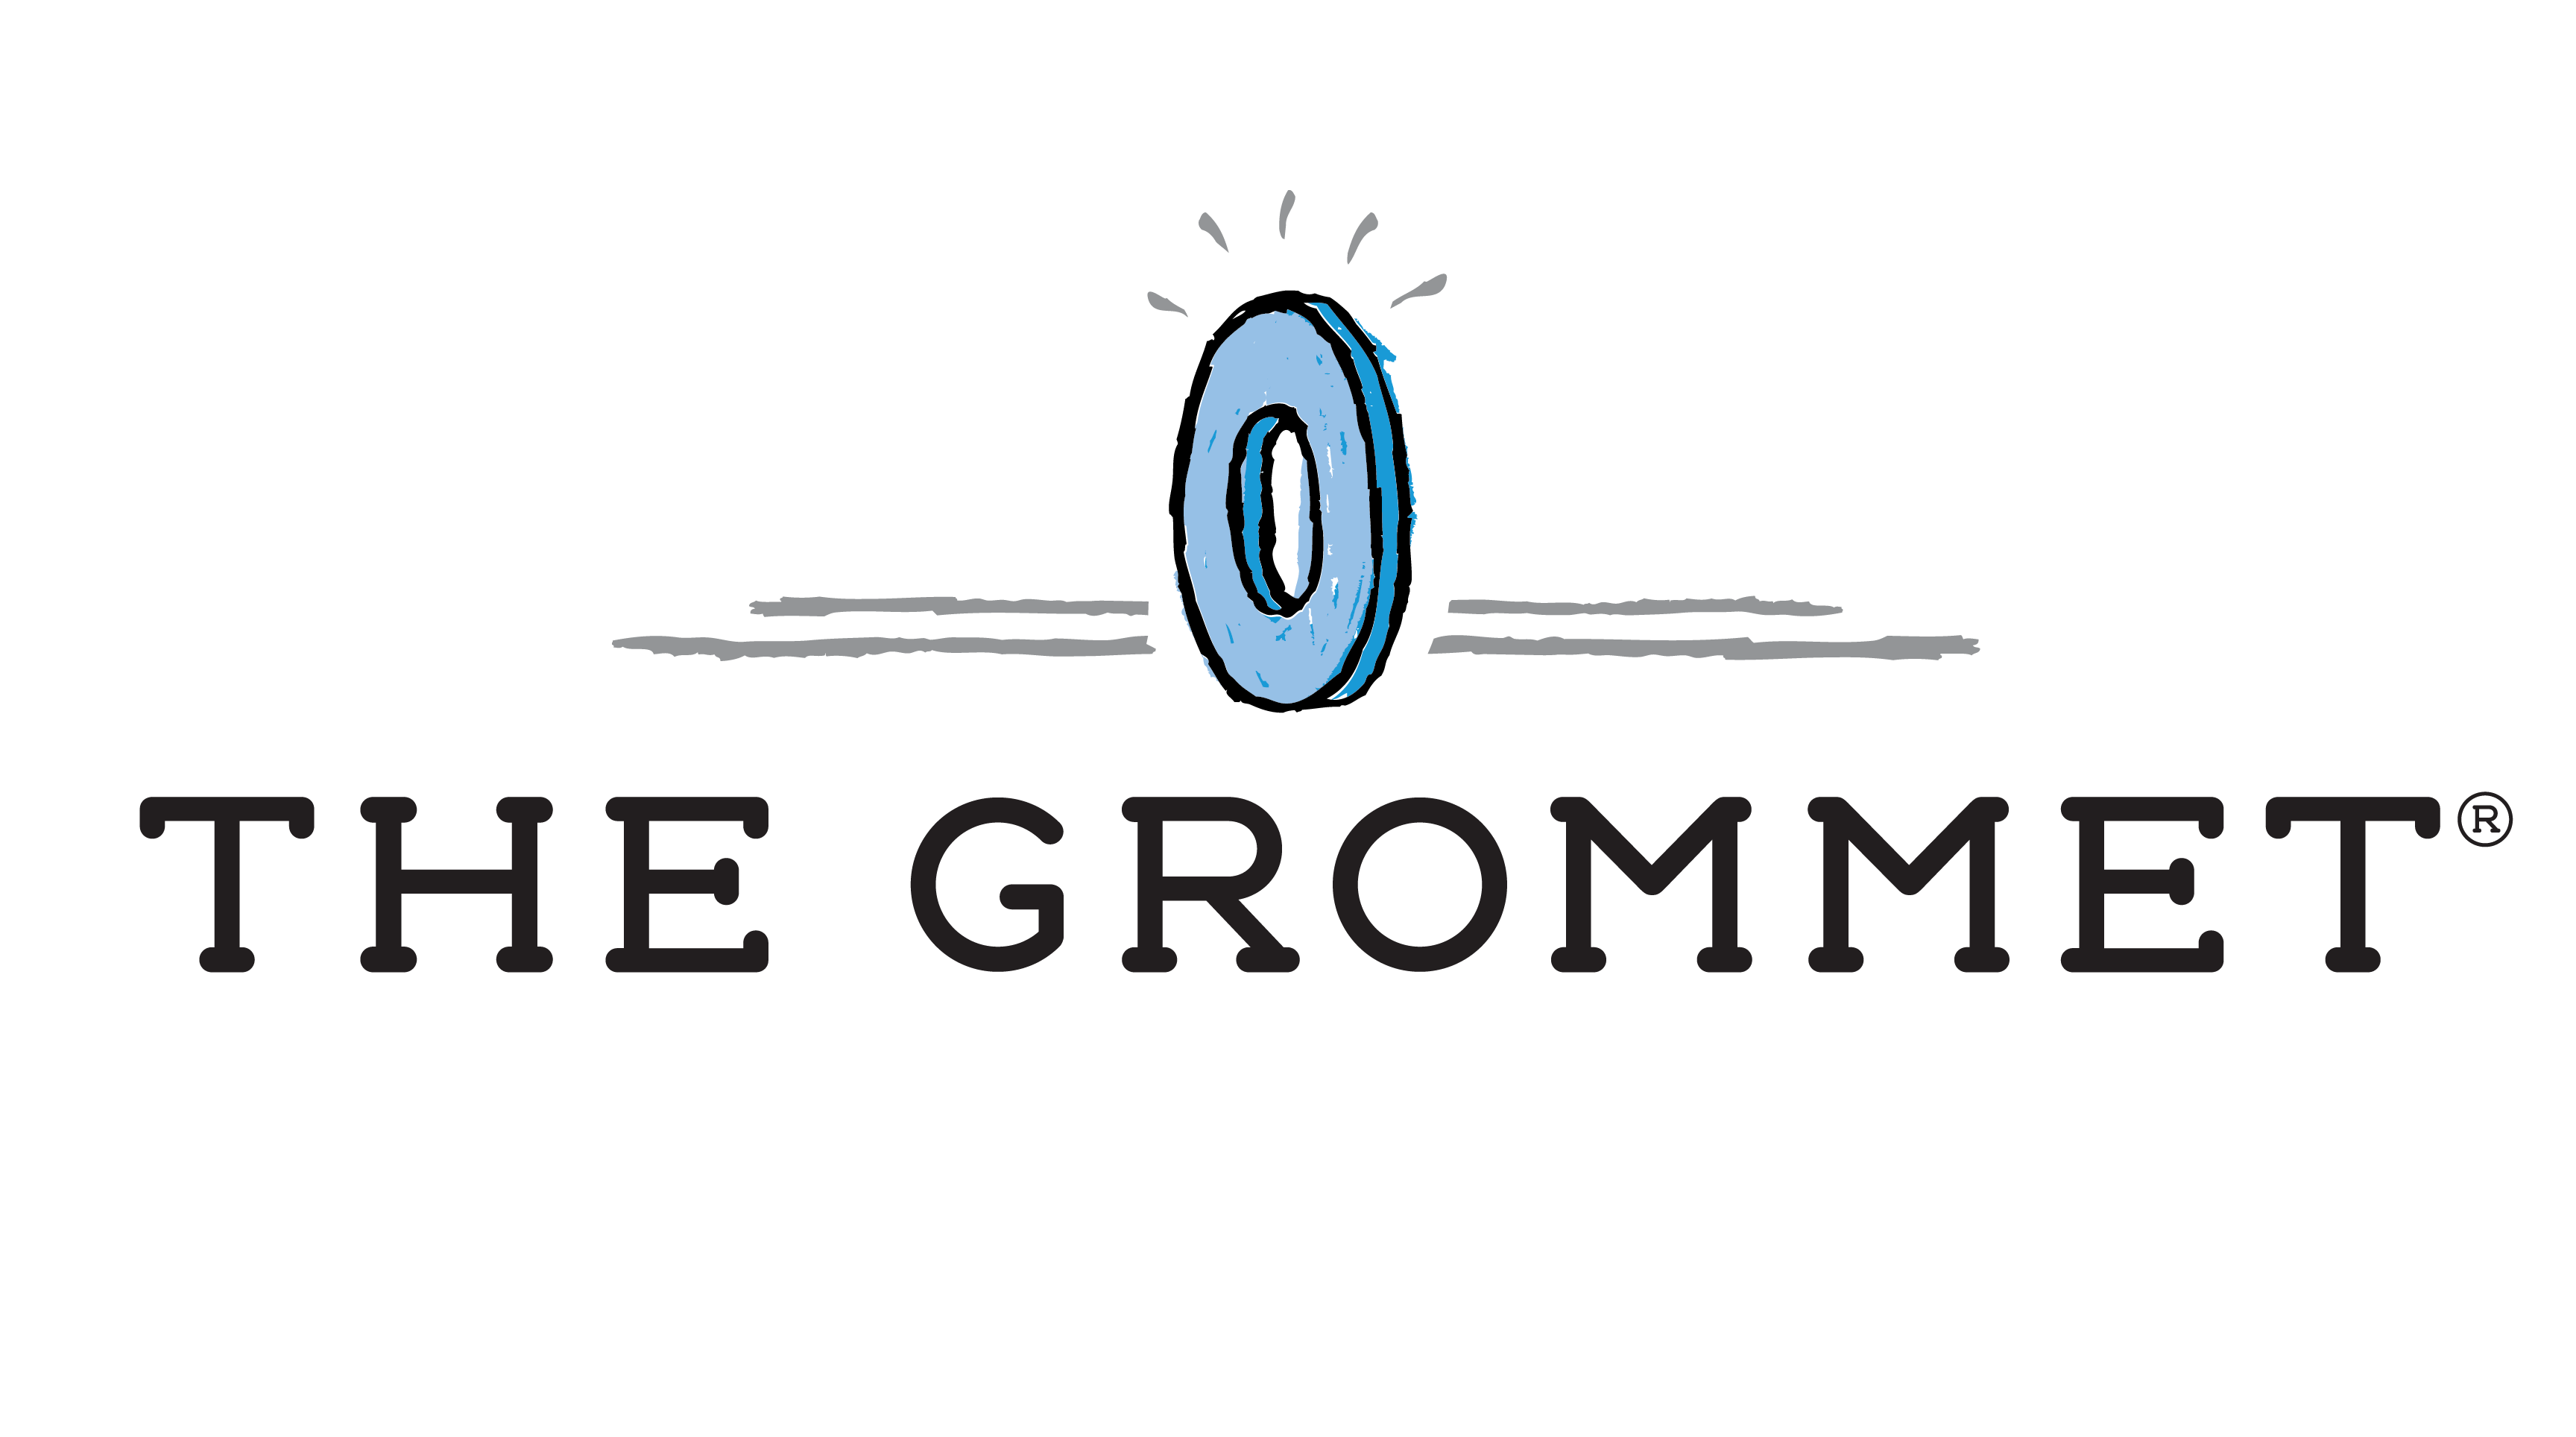 Email Marketing Coordinator job in Somerville - Grommet